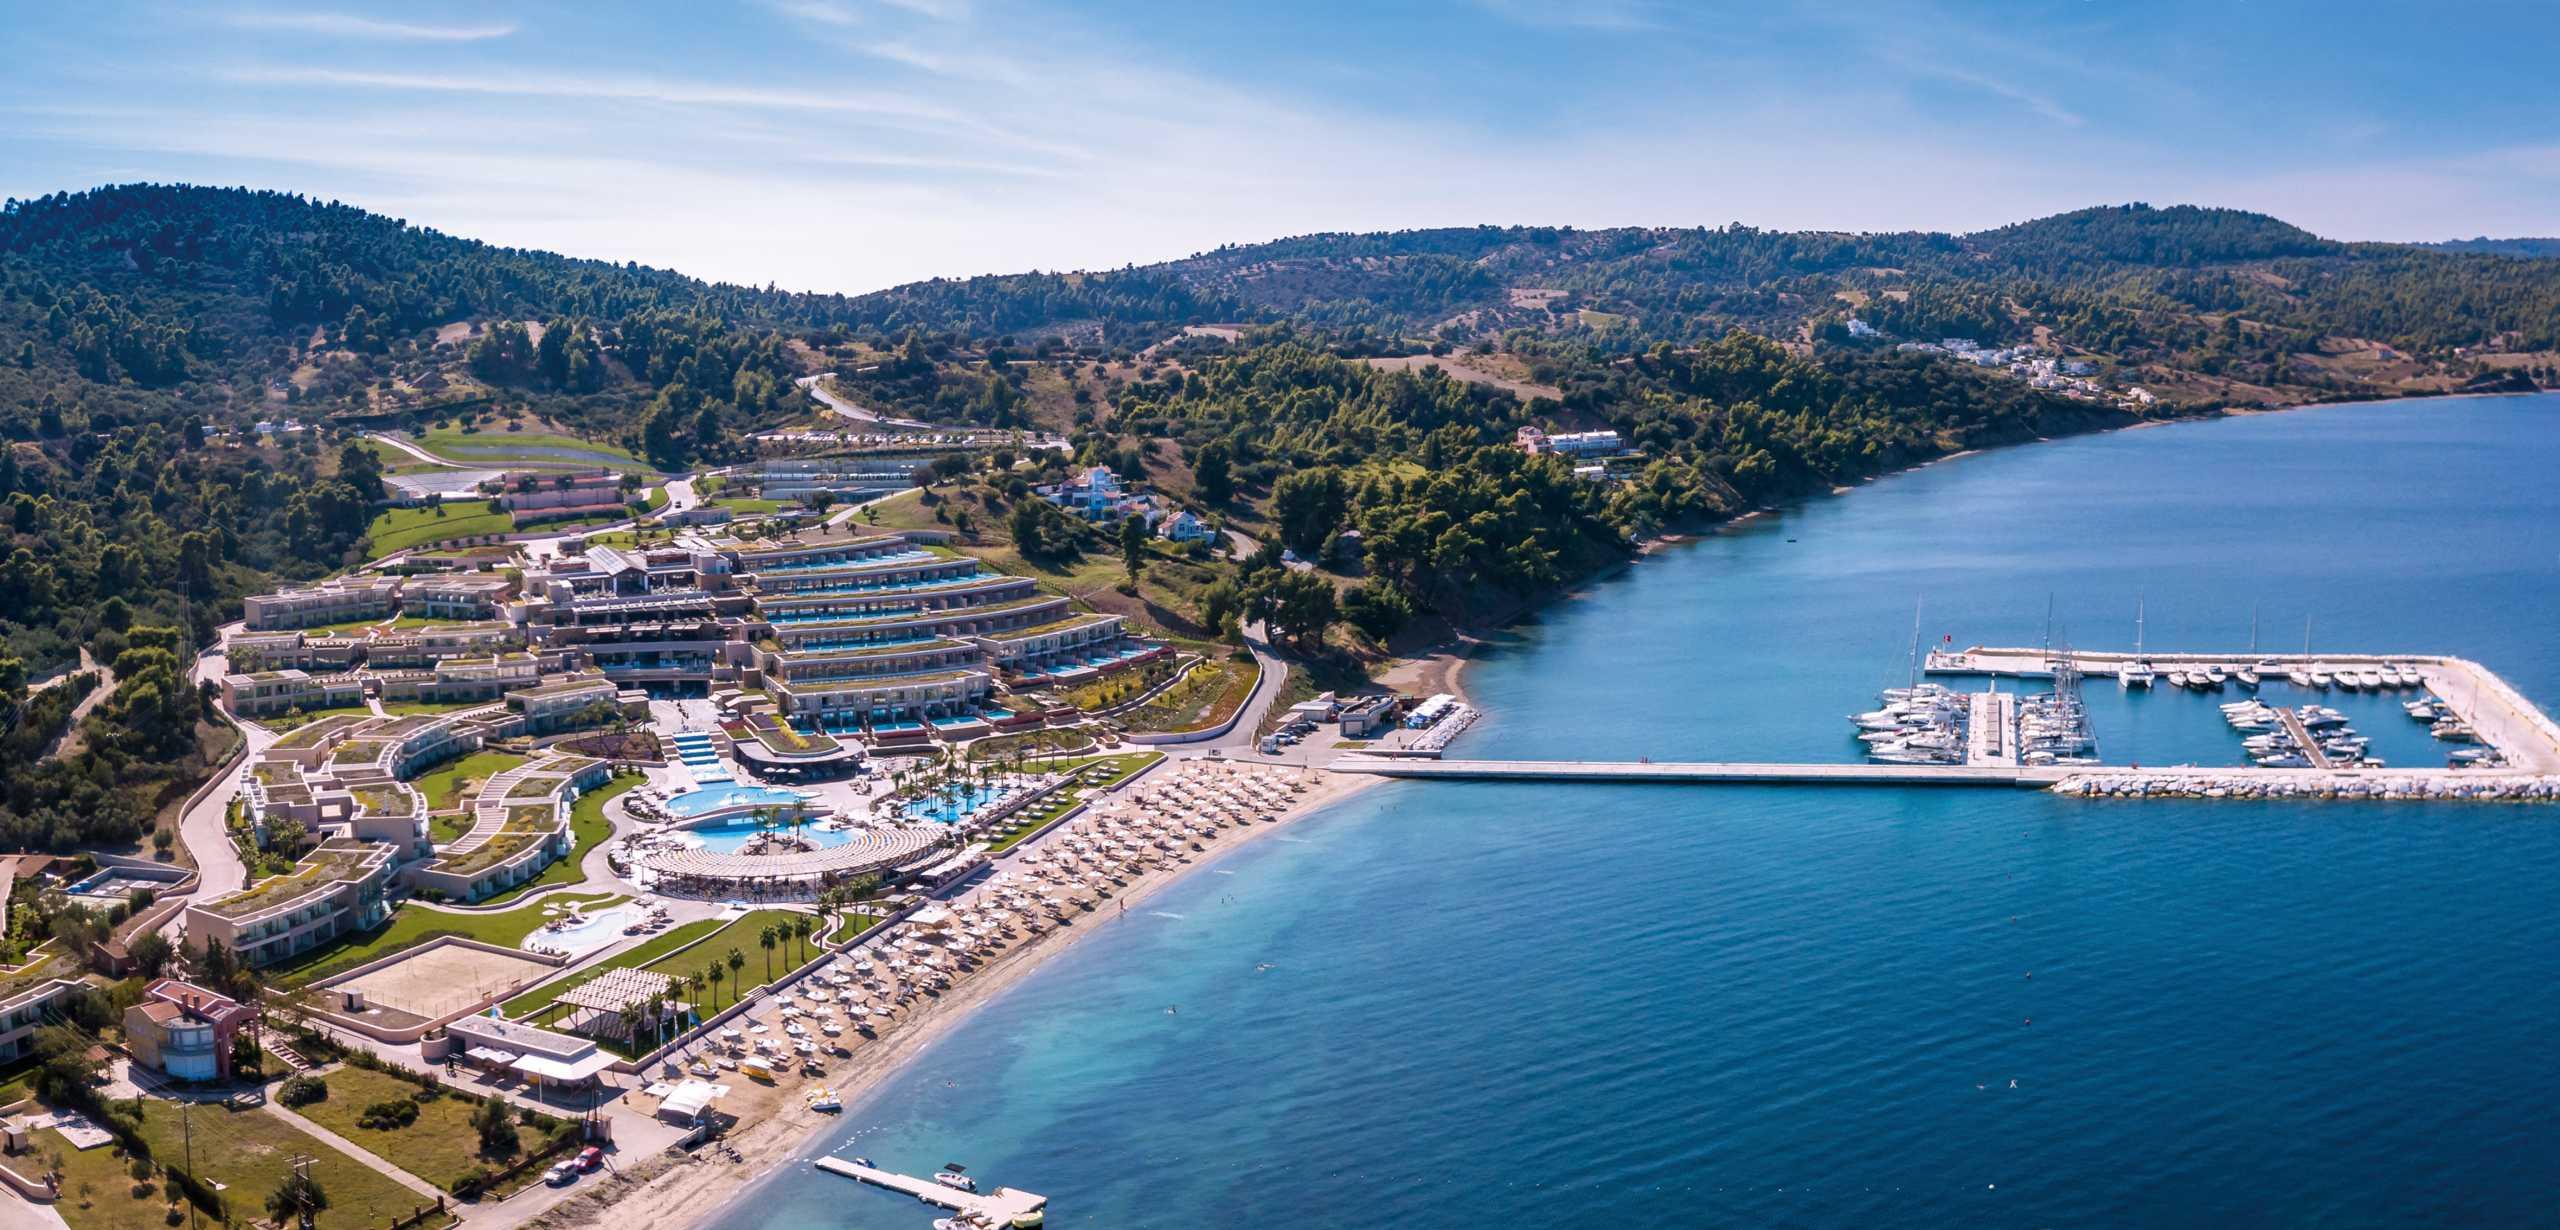 Χαλκιδική: Απογοήτευση για τον τουρισμό – «Δεν περιμέναμε ότι τα πράγματα θα πήγαιναν τόσο χάλια»